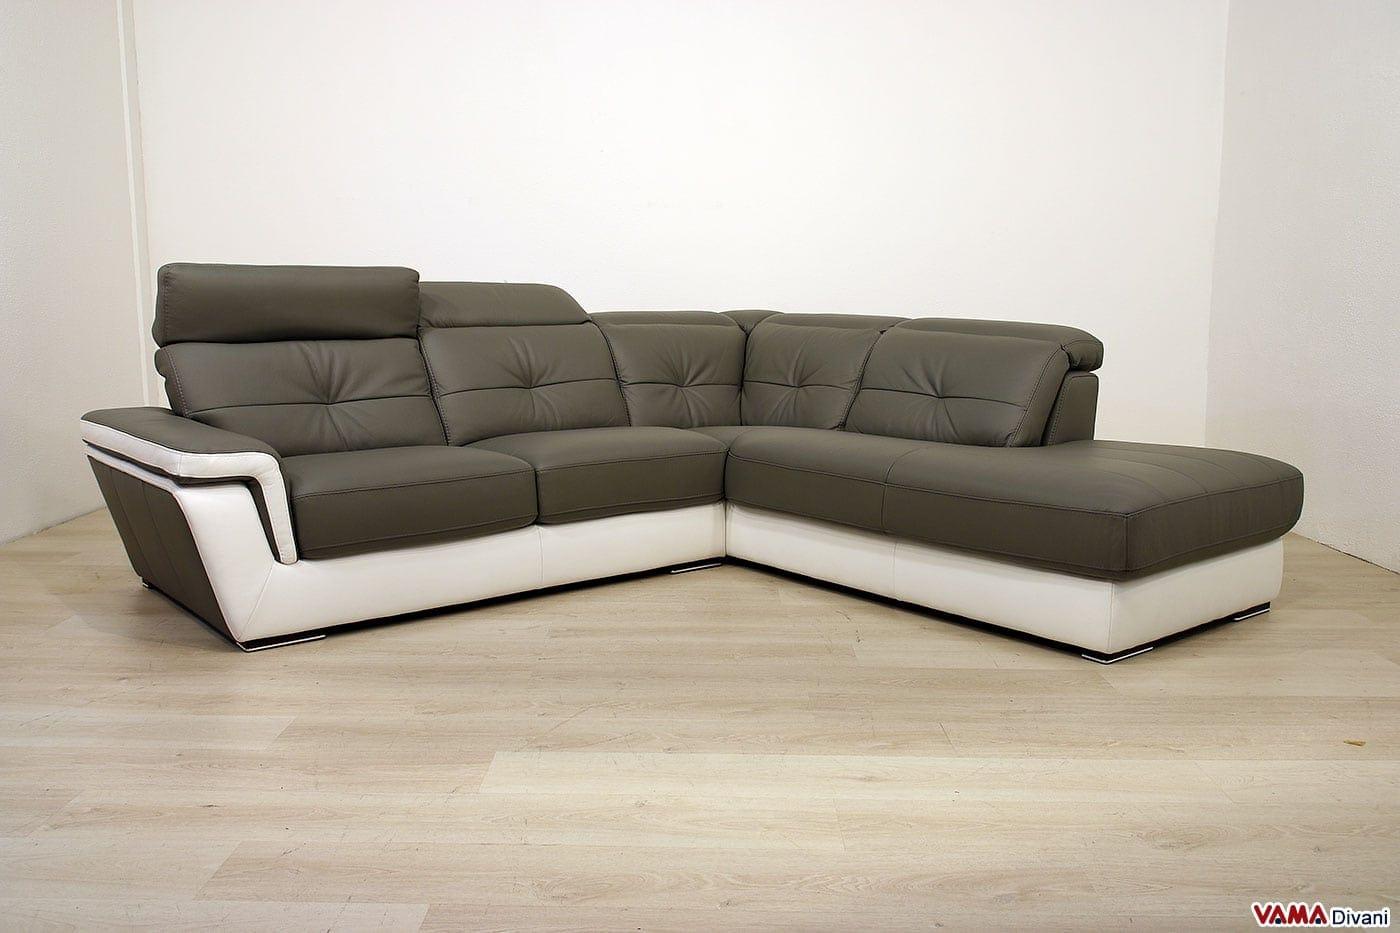 Offerta divano angolare maryland vama divani - Copridivano angolare per divano in pelle ...